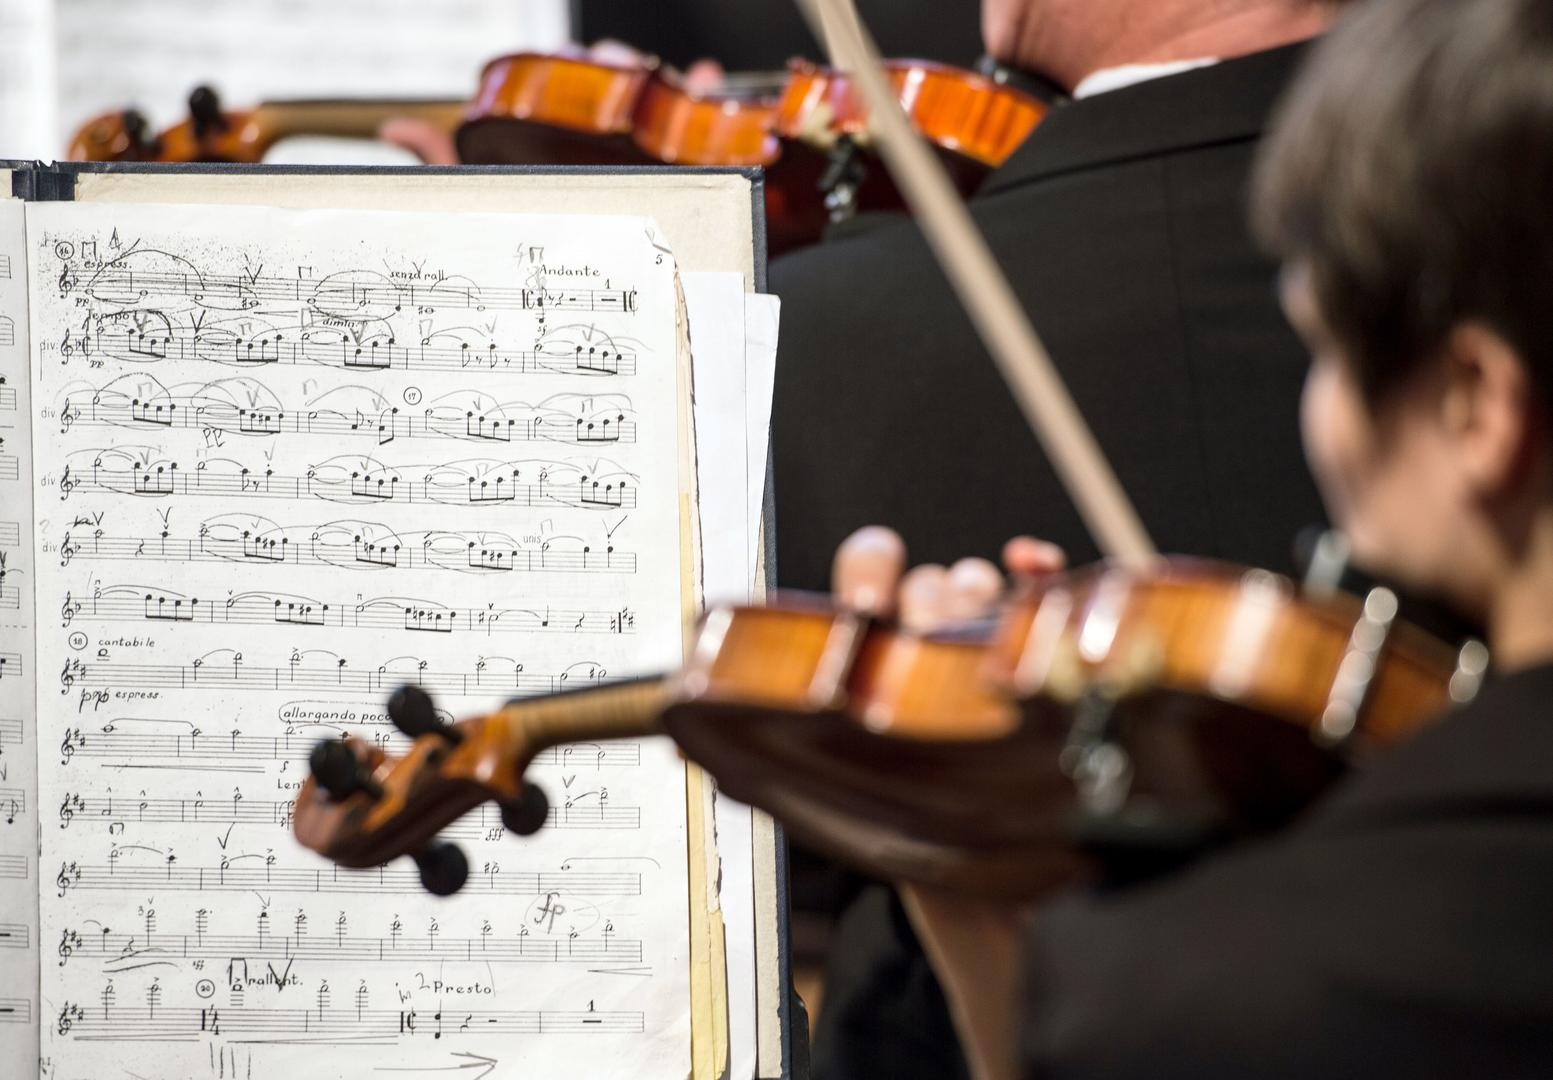 Notenblatt und Violine im Orchester